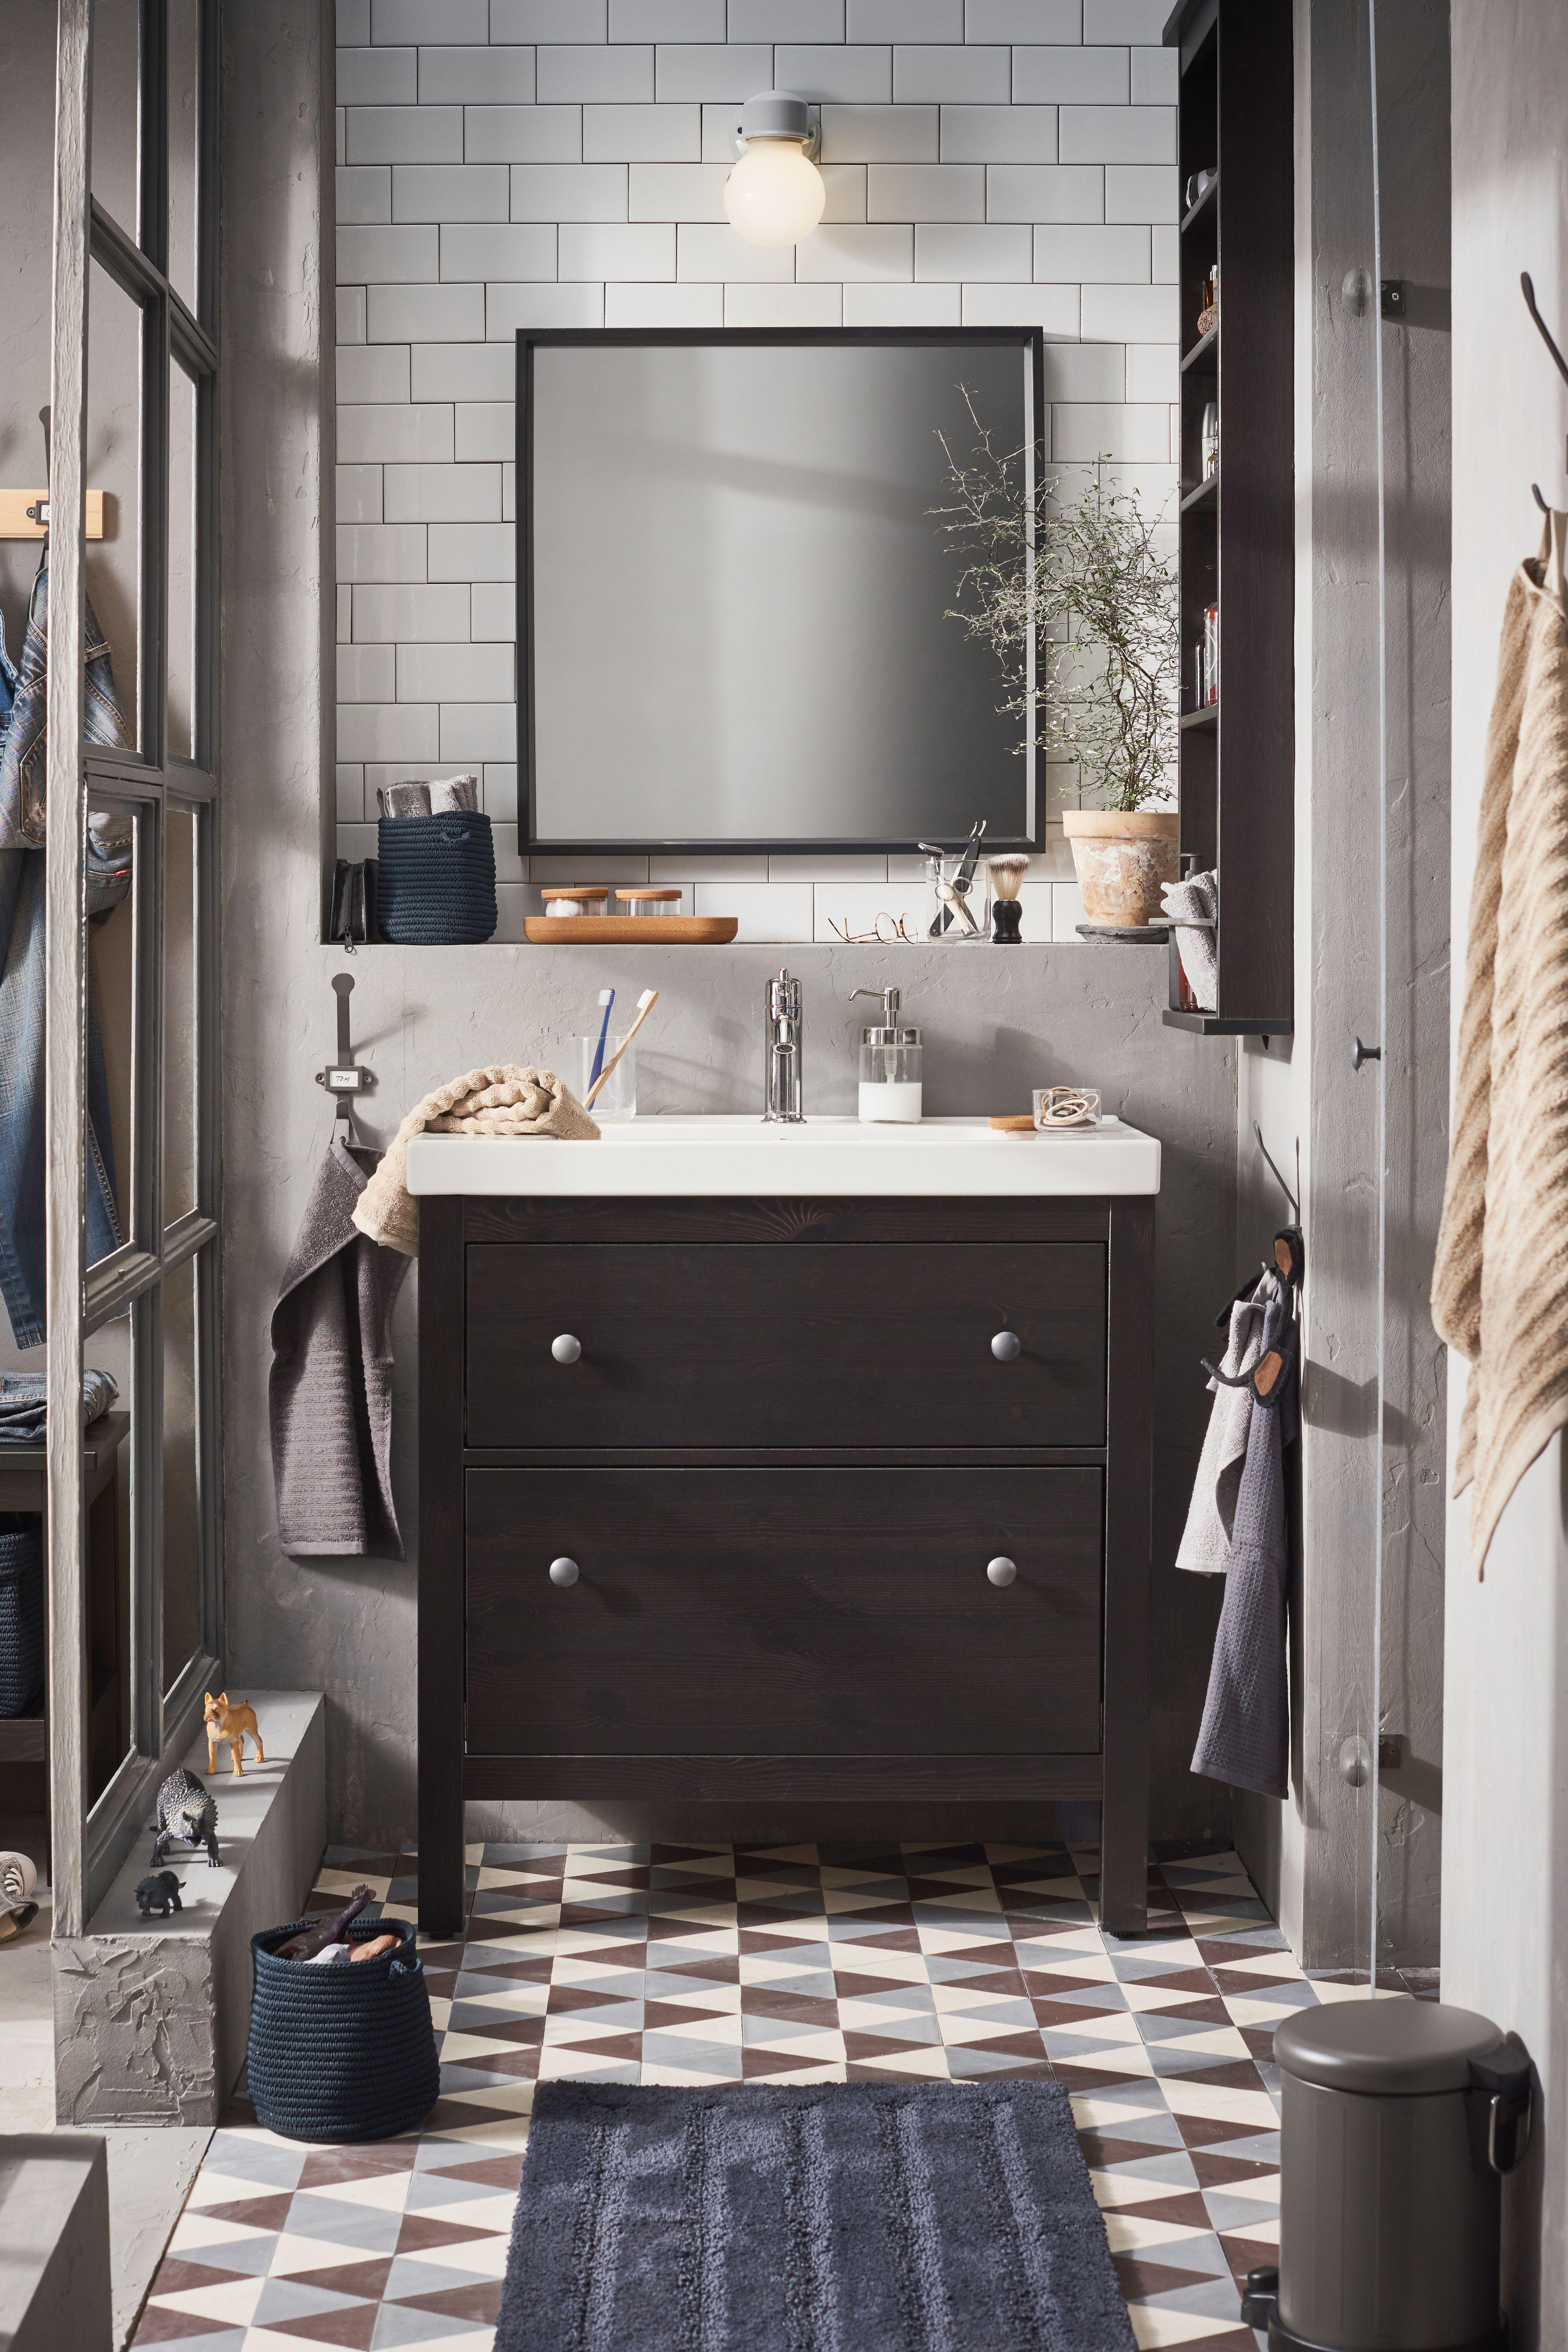 Mobel Einrichtungsideen Fur Dein Zuhause Mit Bildern Badezimmer Grosse Badezimmer Badezimmer Im Erdgeschoss